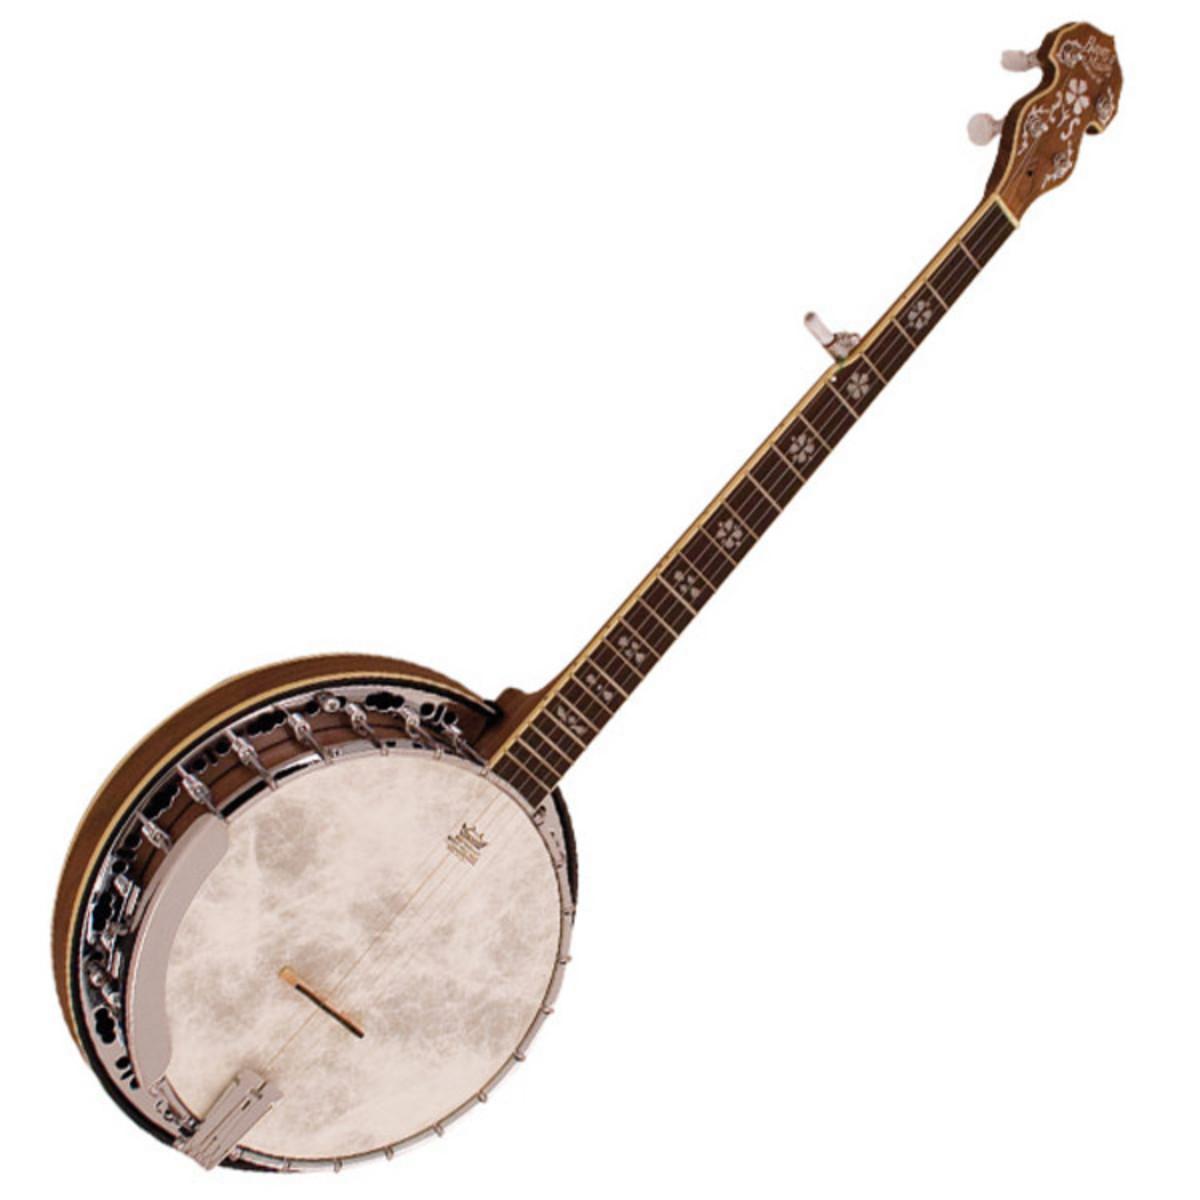 Barnes & Mullins BJ500BW Empress 5 String Banjo